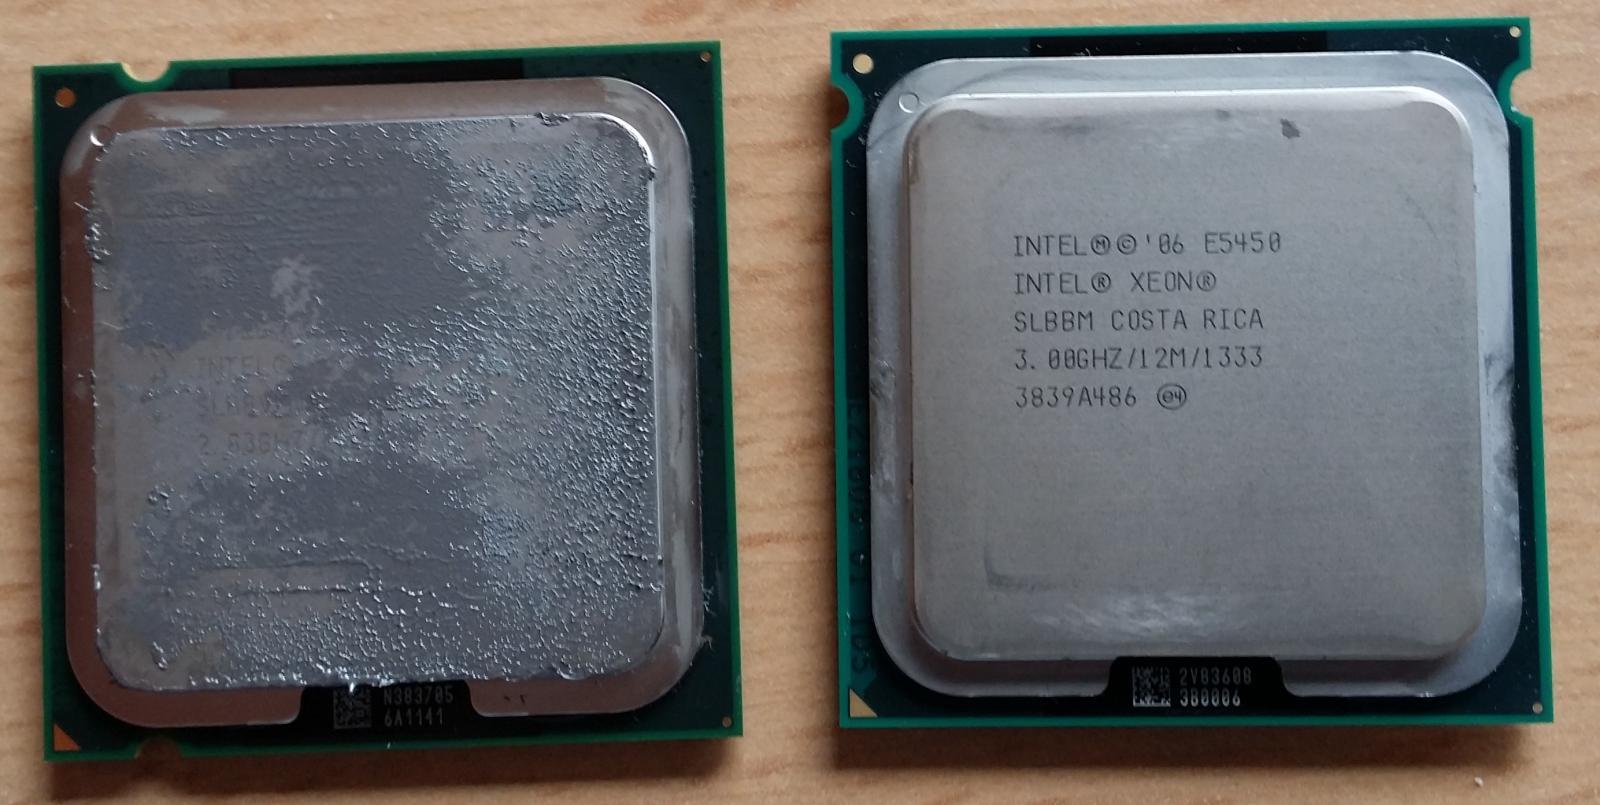 Sockel 775 Am Limit 771 Xeon Mit Mod Sticker Auf Normalen Procesor Quad Core Q8200 Soket Im Vergleich Zu Einem 2